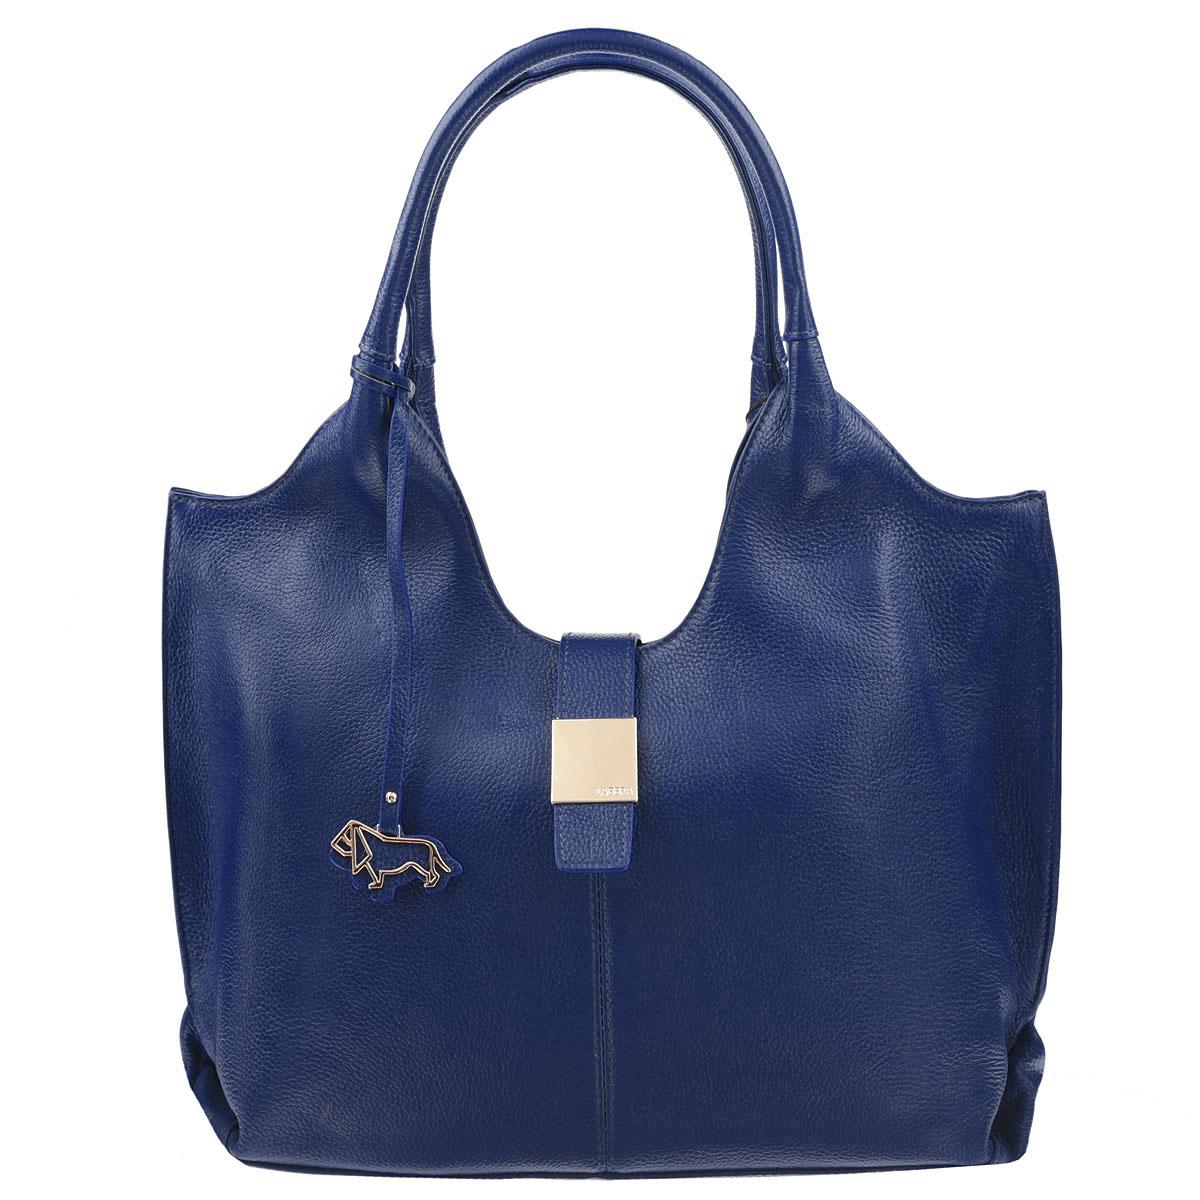 Сумка женская Labbra, цвет: синий. L-DL90389-1L-DL90389-1Элегантная женская сумка Labbra выполнена из натуральной кожи сочного оттенка. Лицевая сторона сумки дополнена металлическим элементом с логотипом бренда и подвеской. Изделие содержит одно основное отделение, закрывающееся на застежку-молнию, дополнительно закрывается на магнитную кнопку. Внутри - врезной карман на молнии, два накладных кармашка для мобильного телефона и мелочей, два дополнительных накладных кармана, один из них на молнии. Сумка оснащена практичными и удобными ручками. Дно сумки защищено металлическими ножками, которые уберегут изделие от повреждений. Стильная сумка позволит вам подчеркнуть свою индивидуальность, и сделает ваш образ изысканным и завершенным.